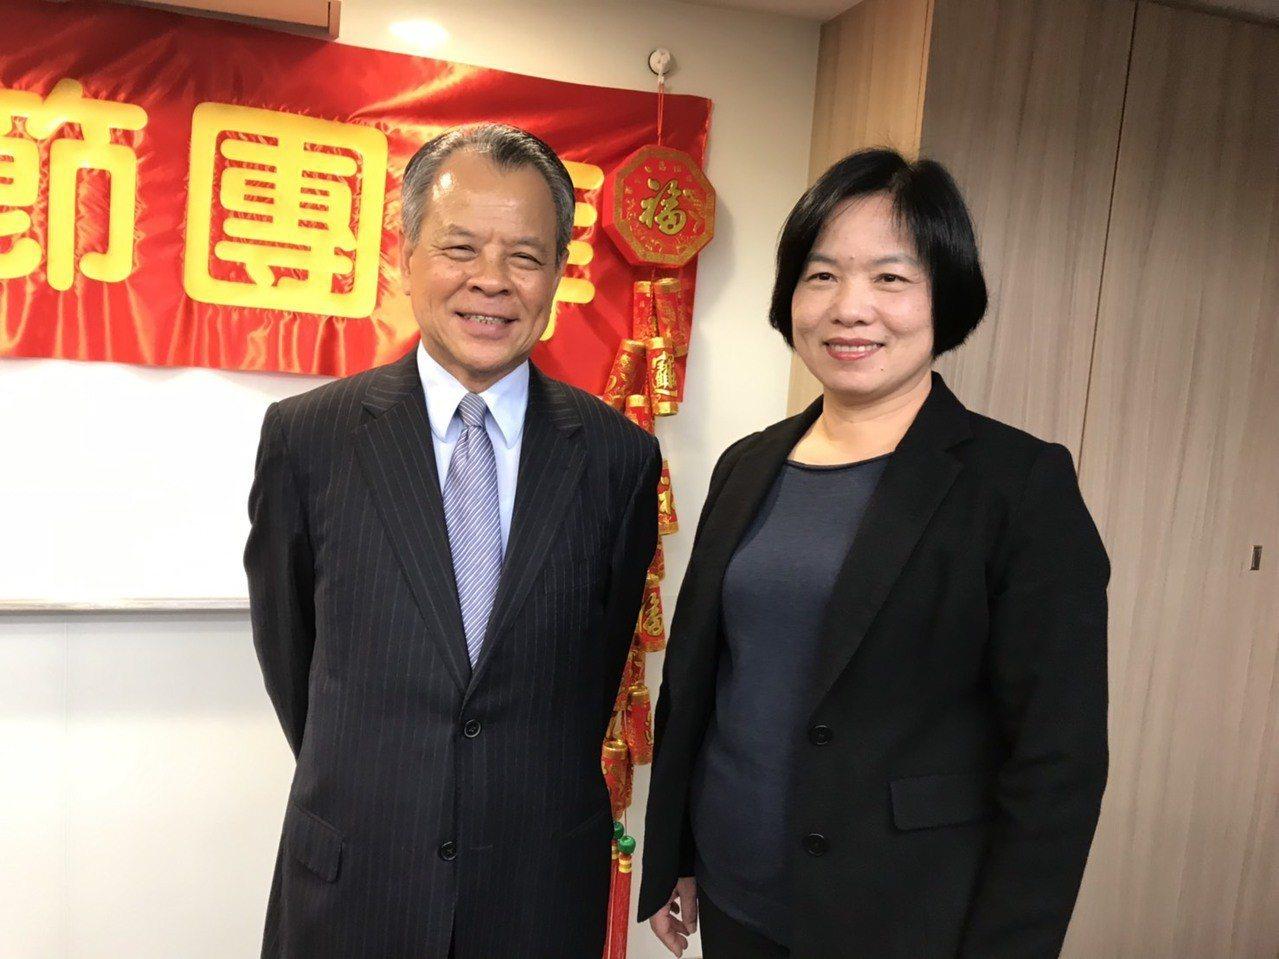 保險局長施瓊華(右)和產險公會理事長陳燦煌(左)出席產險公會新春團拜。記者仝澤蓉...